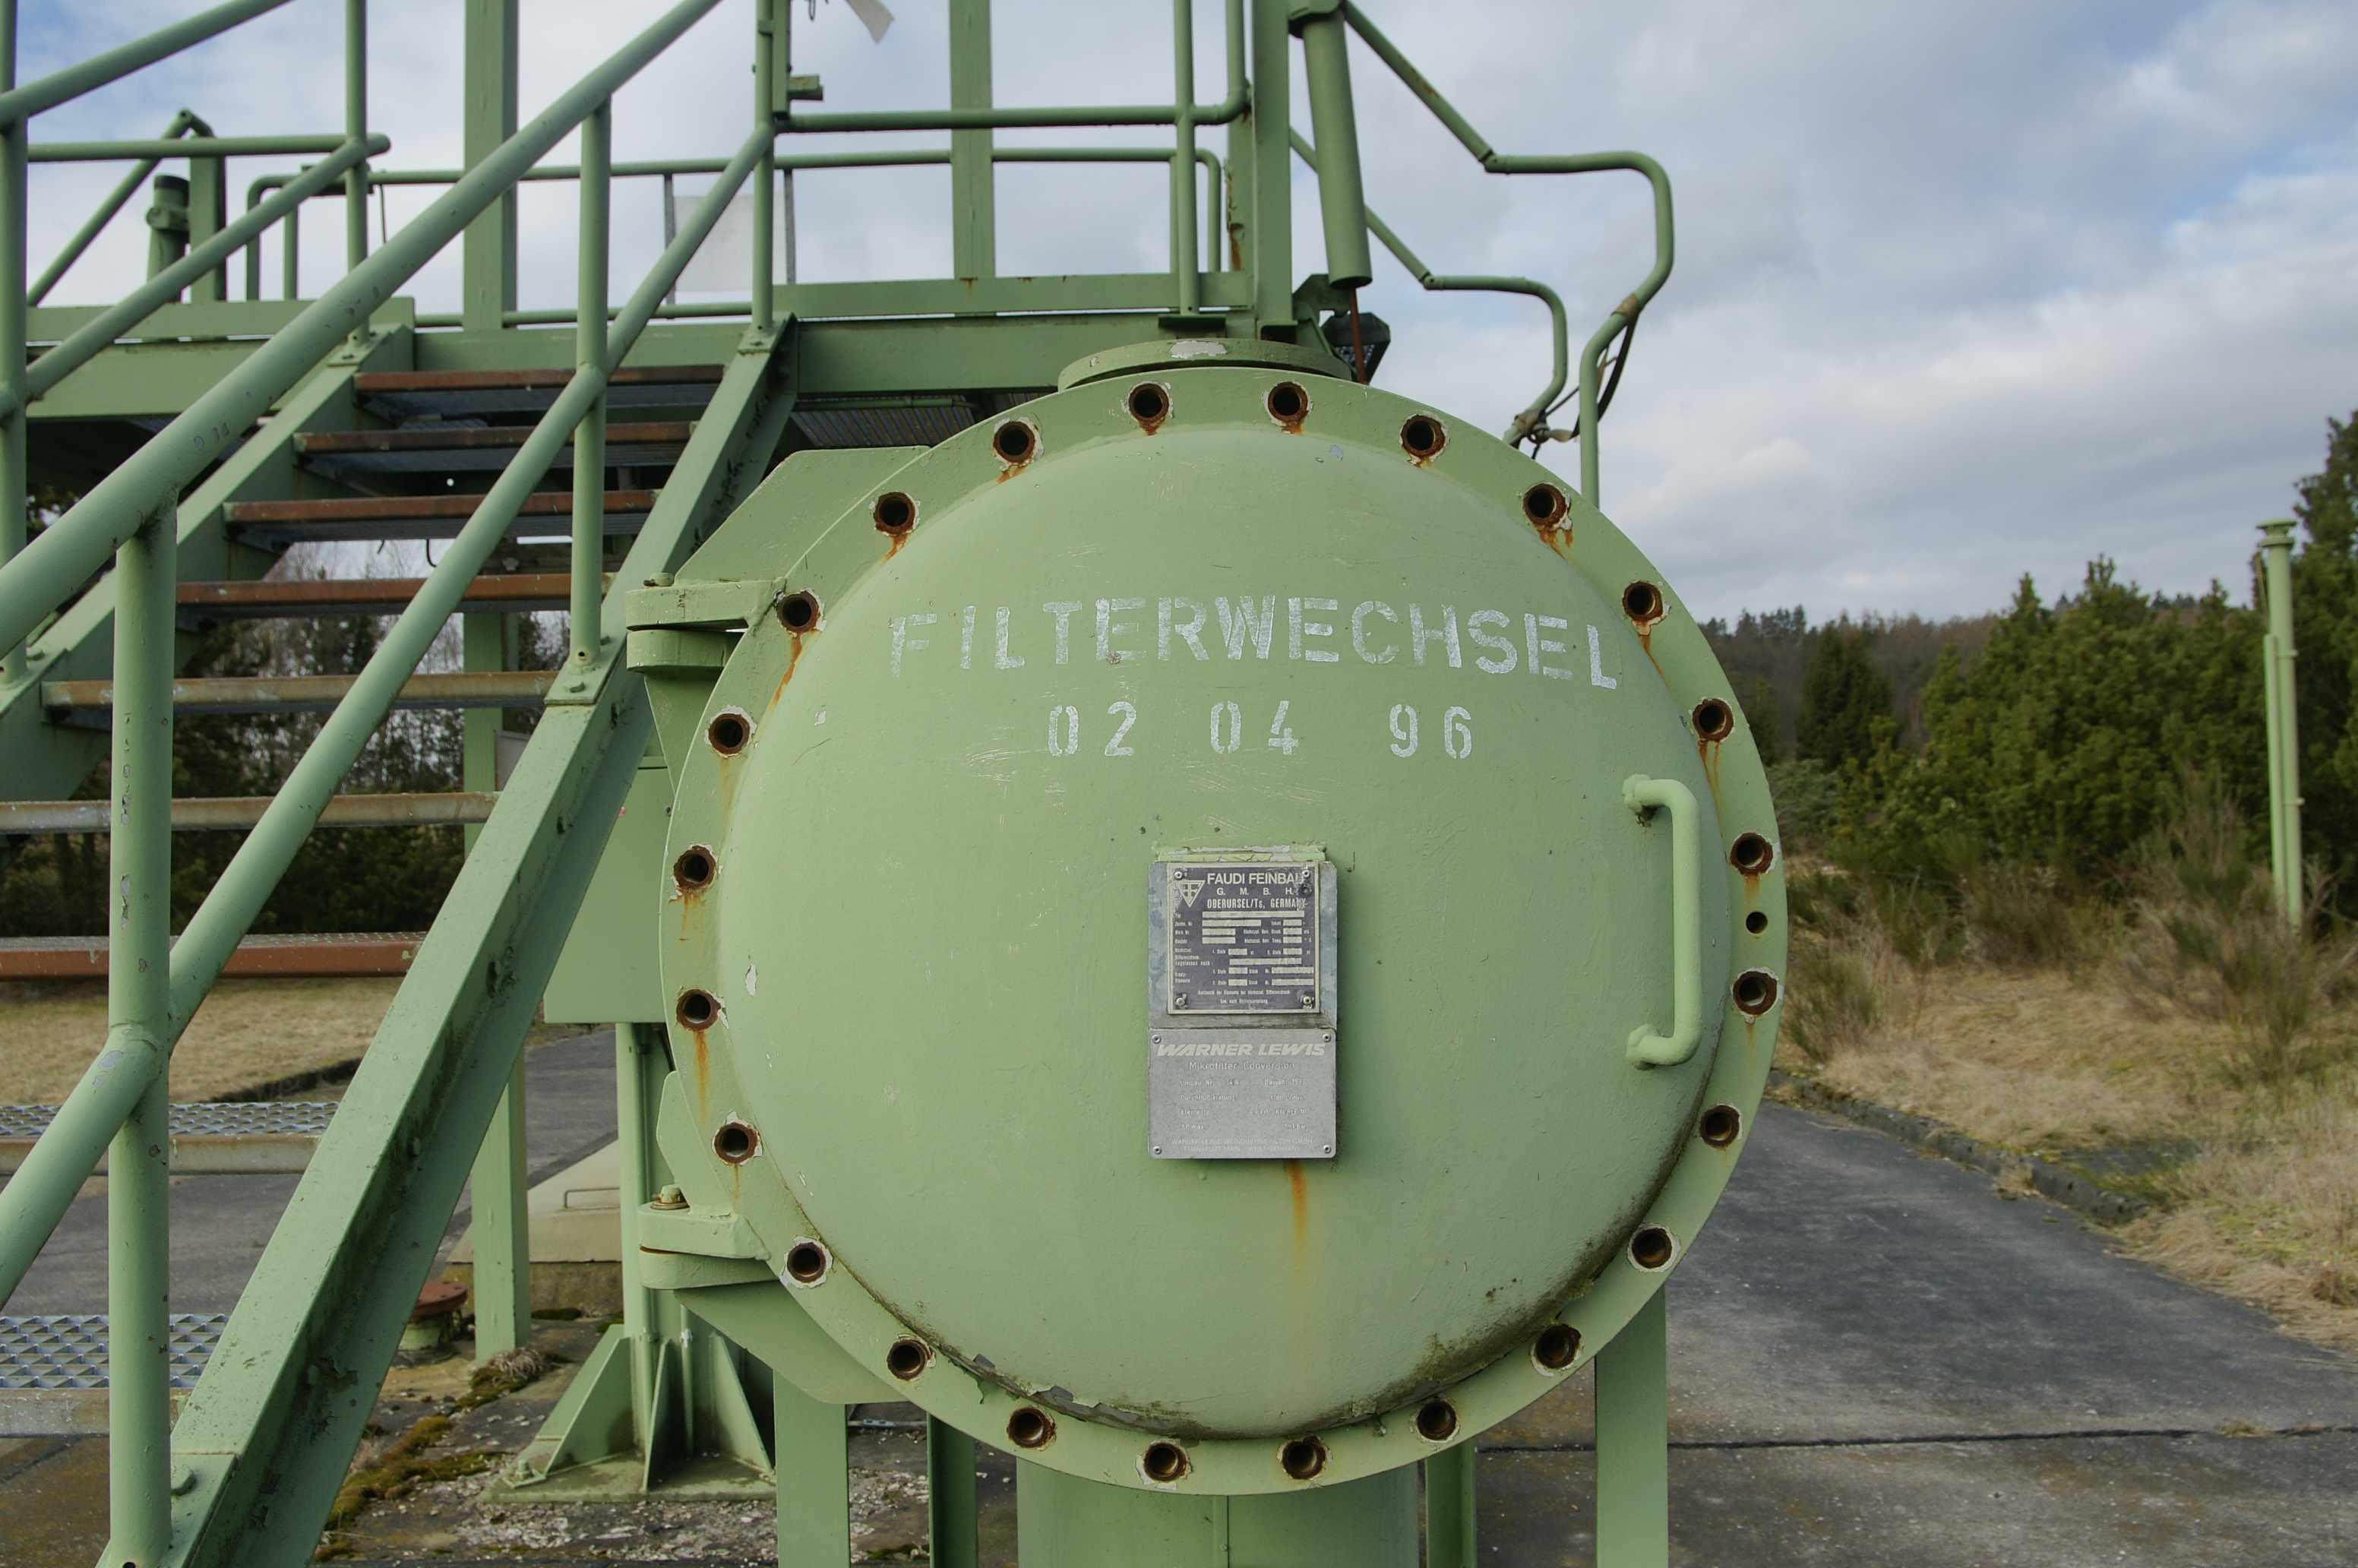 1996 wurden die Filter im Natotanklager Erda zuletzt überprüft. 2011 könnte dort ein Solarpark stehen. Bild: v. Gallera